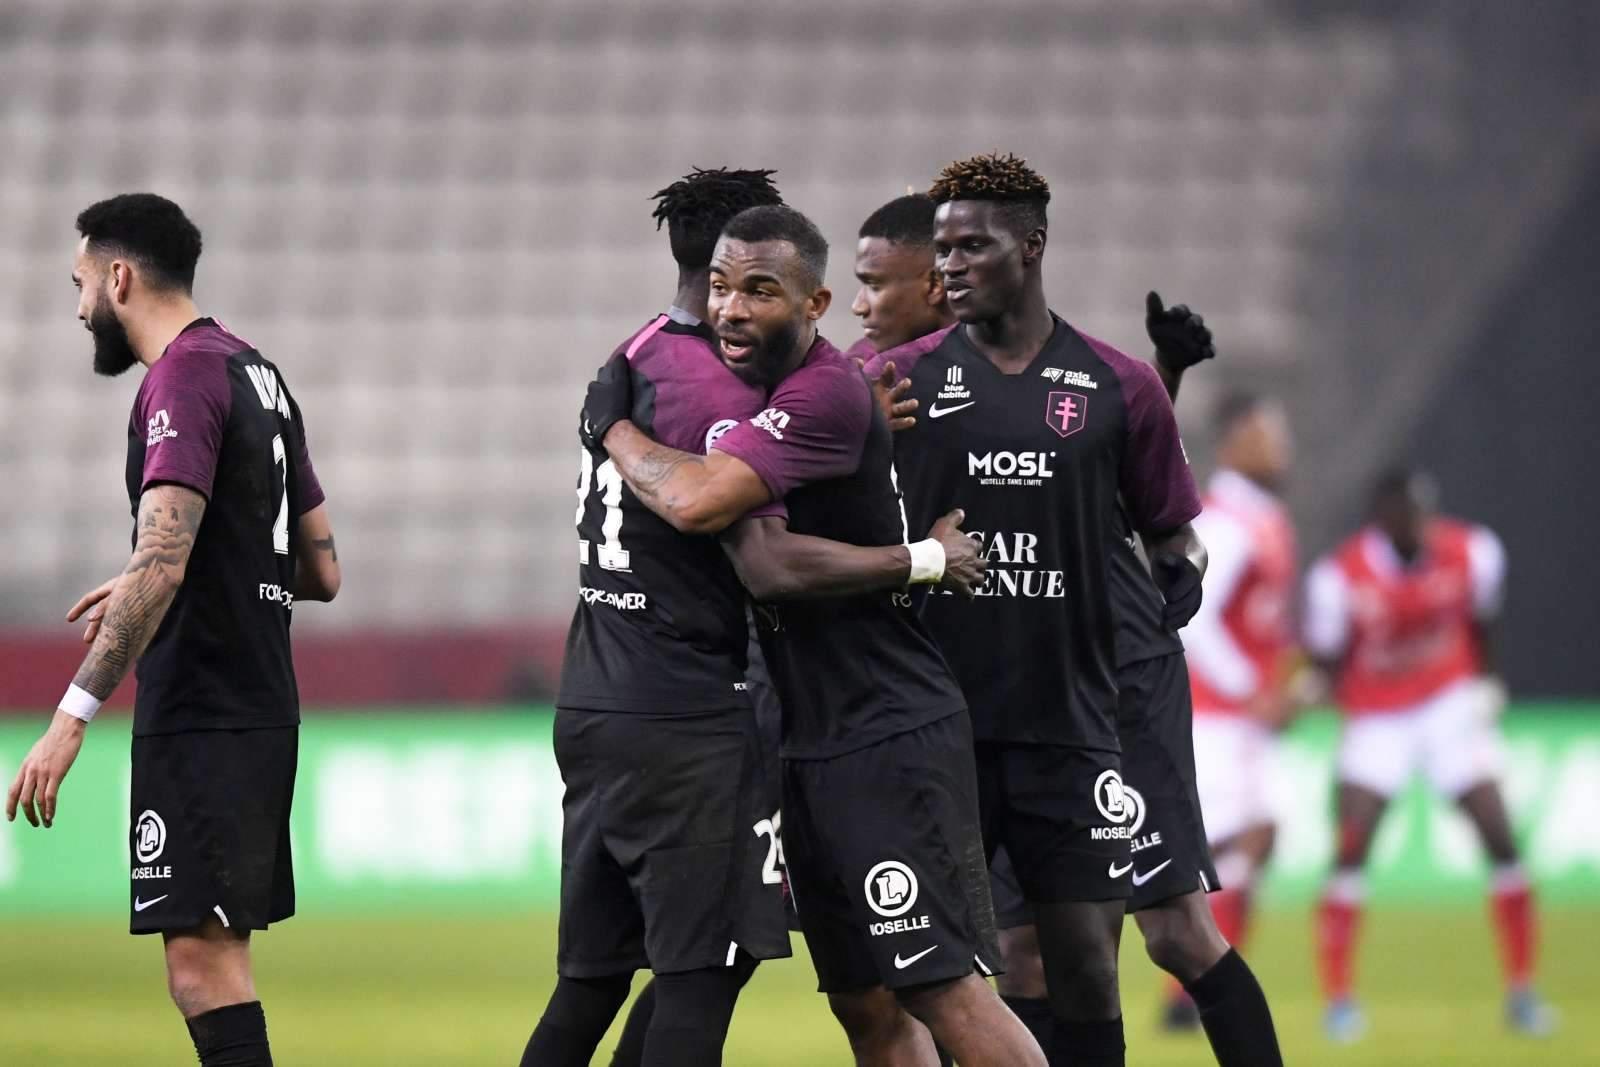 «Страсбург» - «Метц»: прогноз и ставка на матч чемпионата Франции – 17 сентября 2021